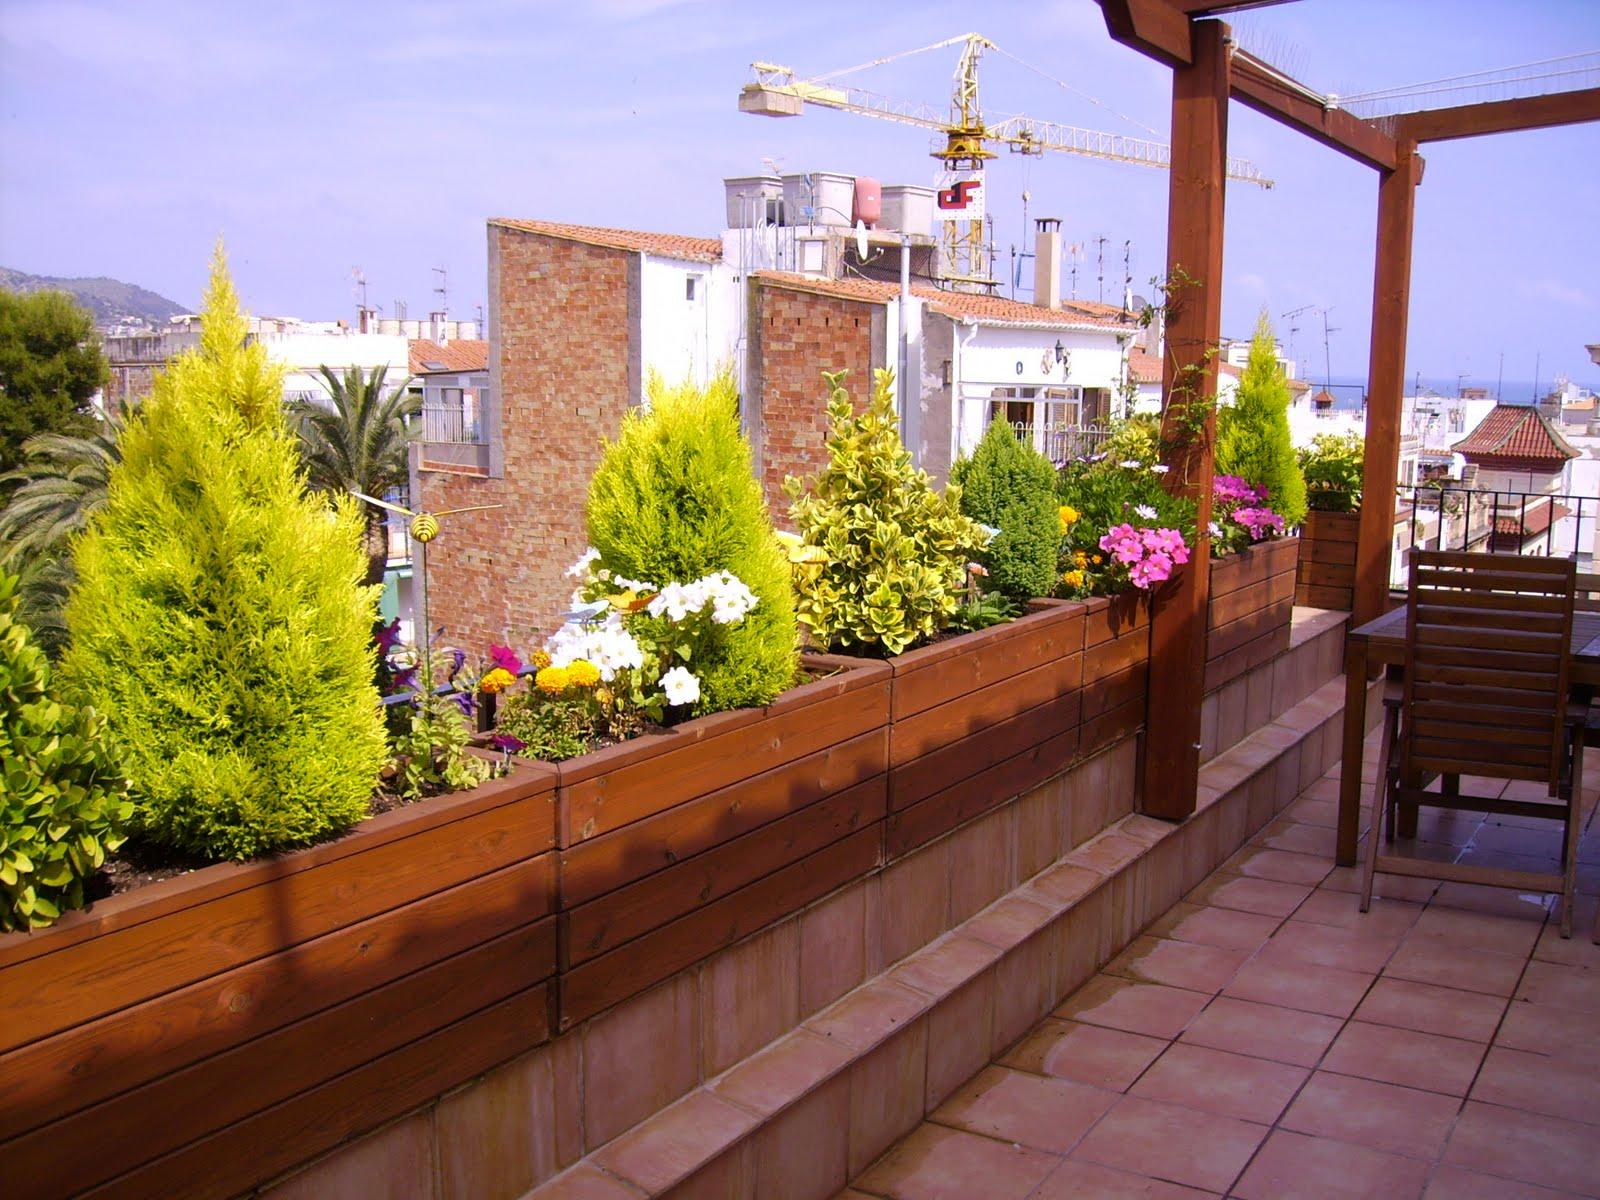 La terraza de un atico - Jardines en aticos ...